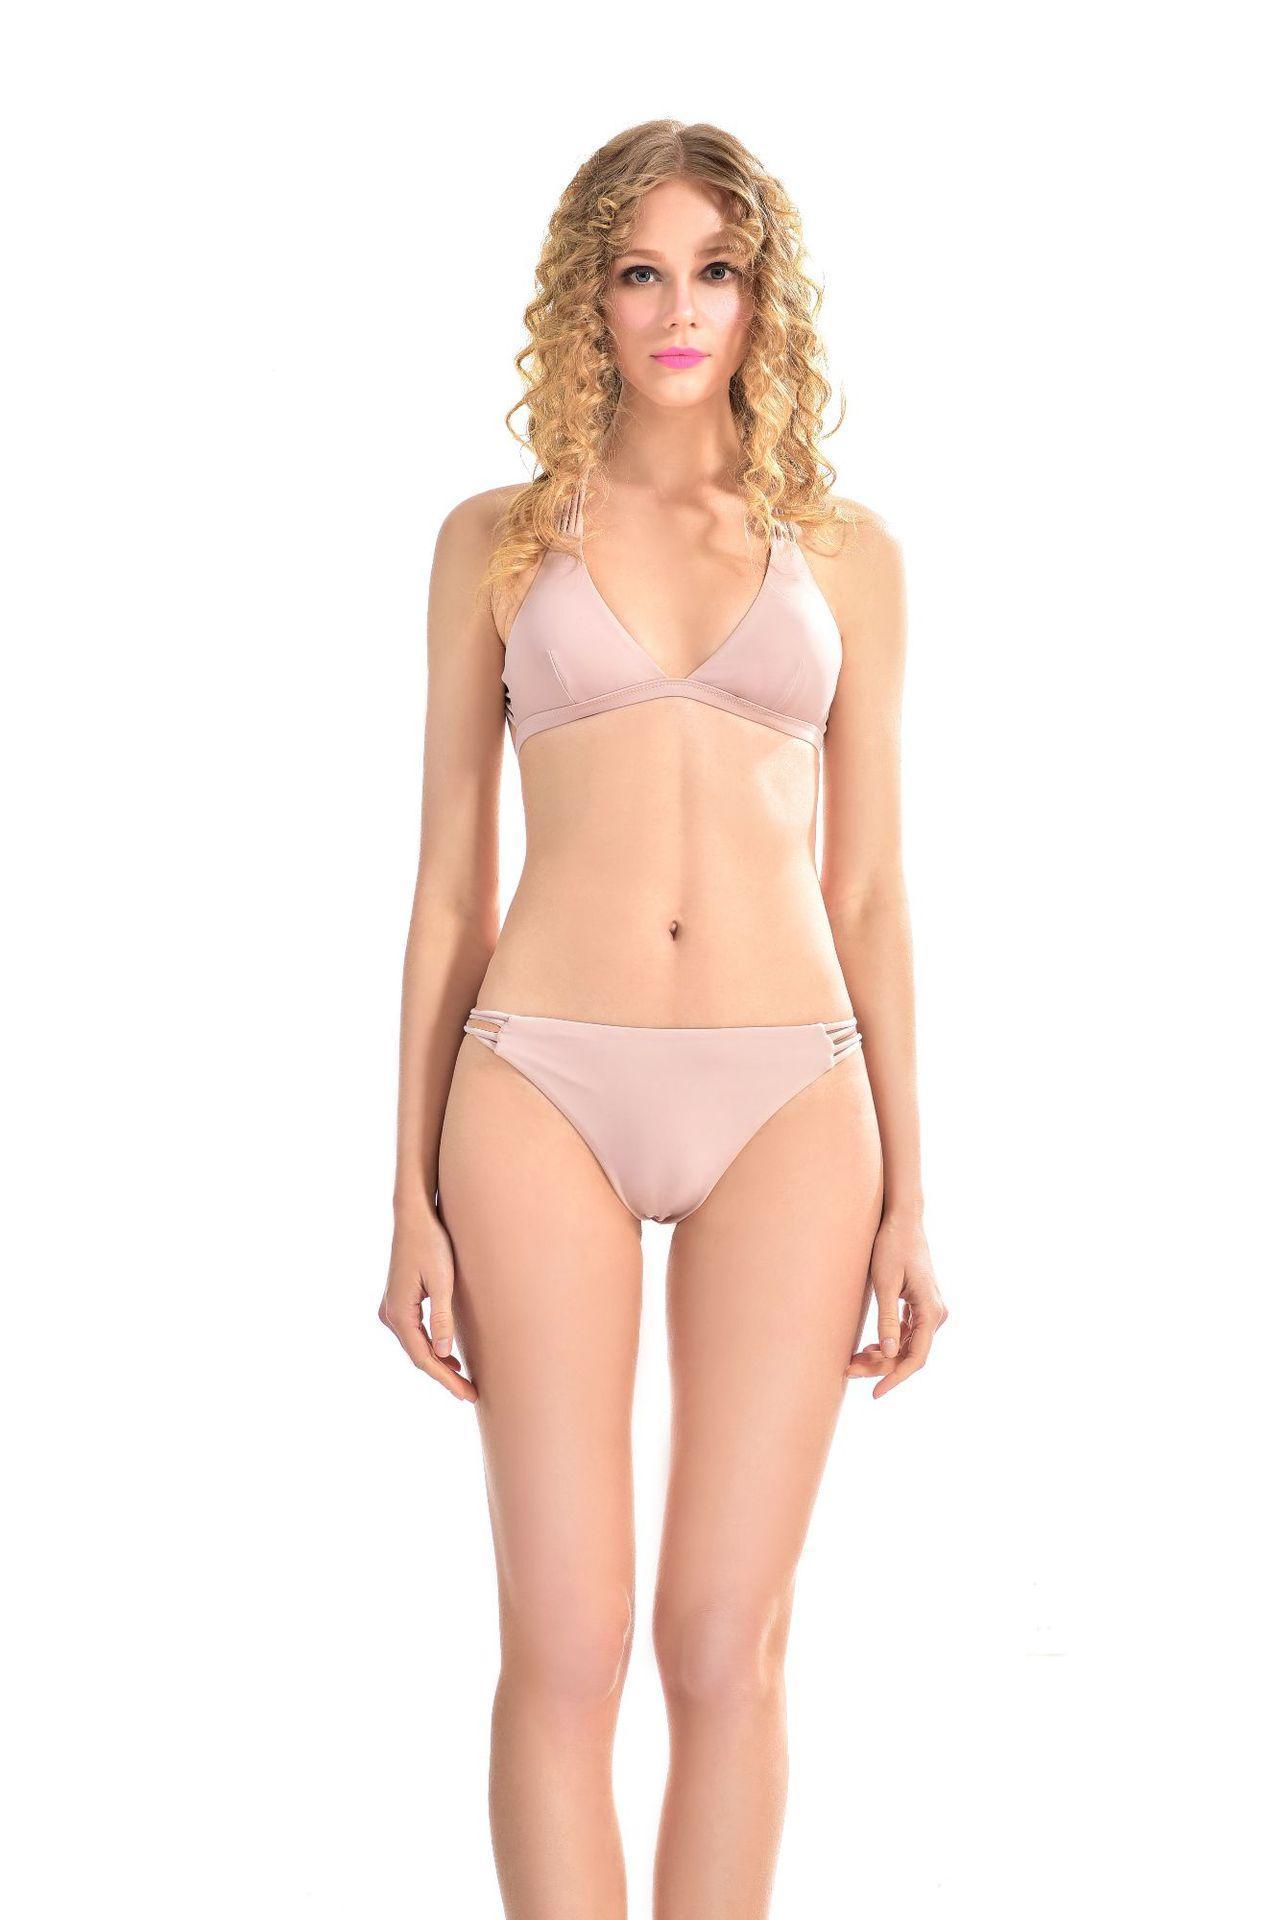 999a7daaa Compre Nuevo Estilo De Lotus Desnudo De La Primavera Caliente Triángulo  Bikini Traje De Baño Conservador Del Estudiante A  13.56 Del Gudindevenus